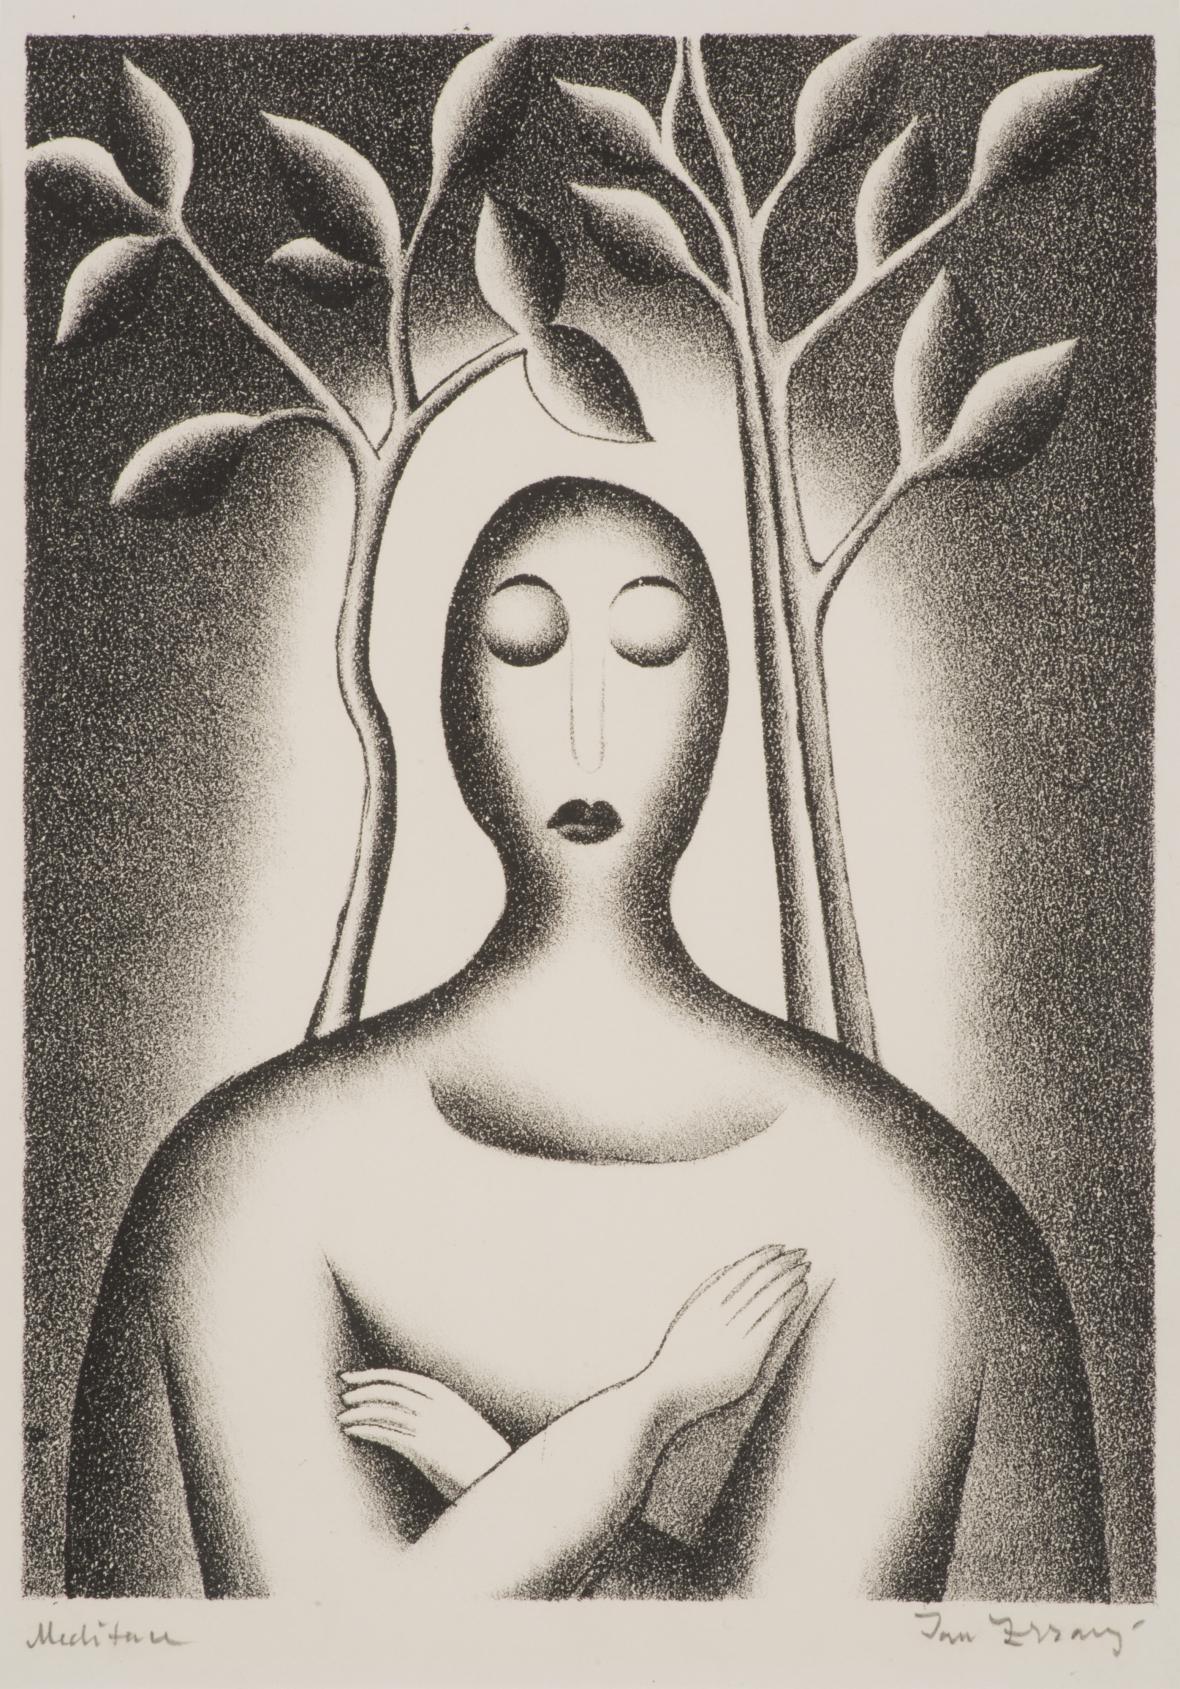 Jan Zrzavý / Melancholie, mezzotinta, litografie, papír 1918, soukromá sbírka